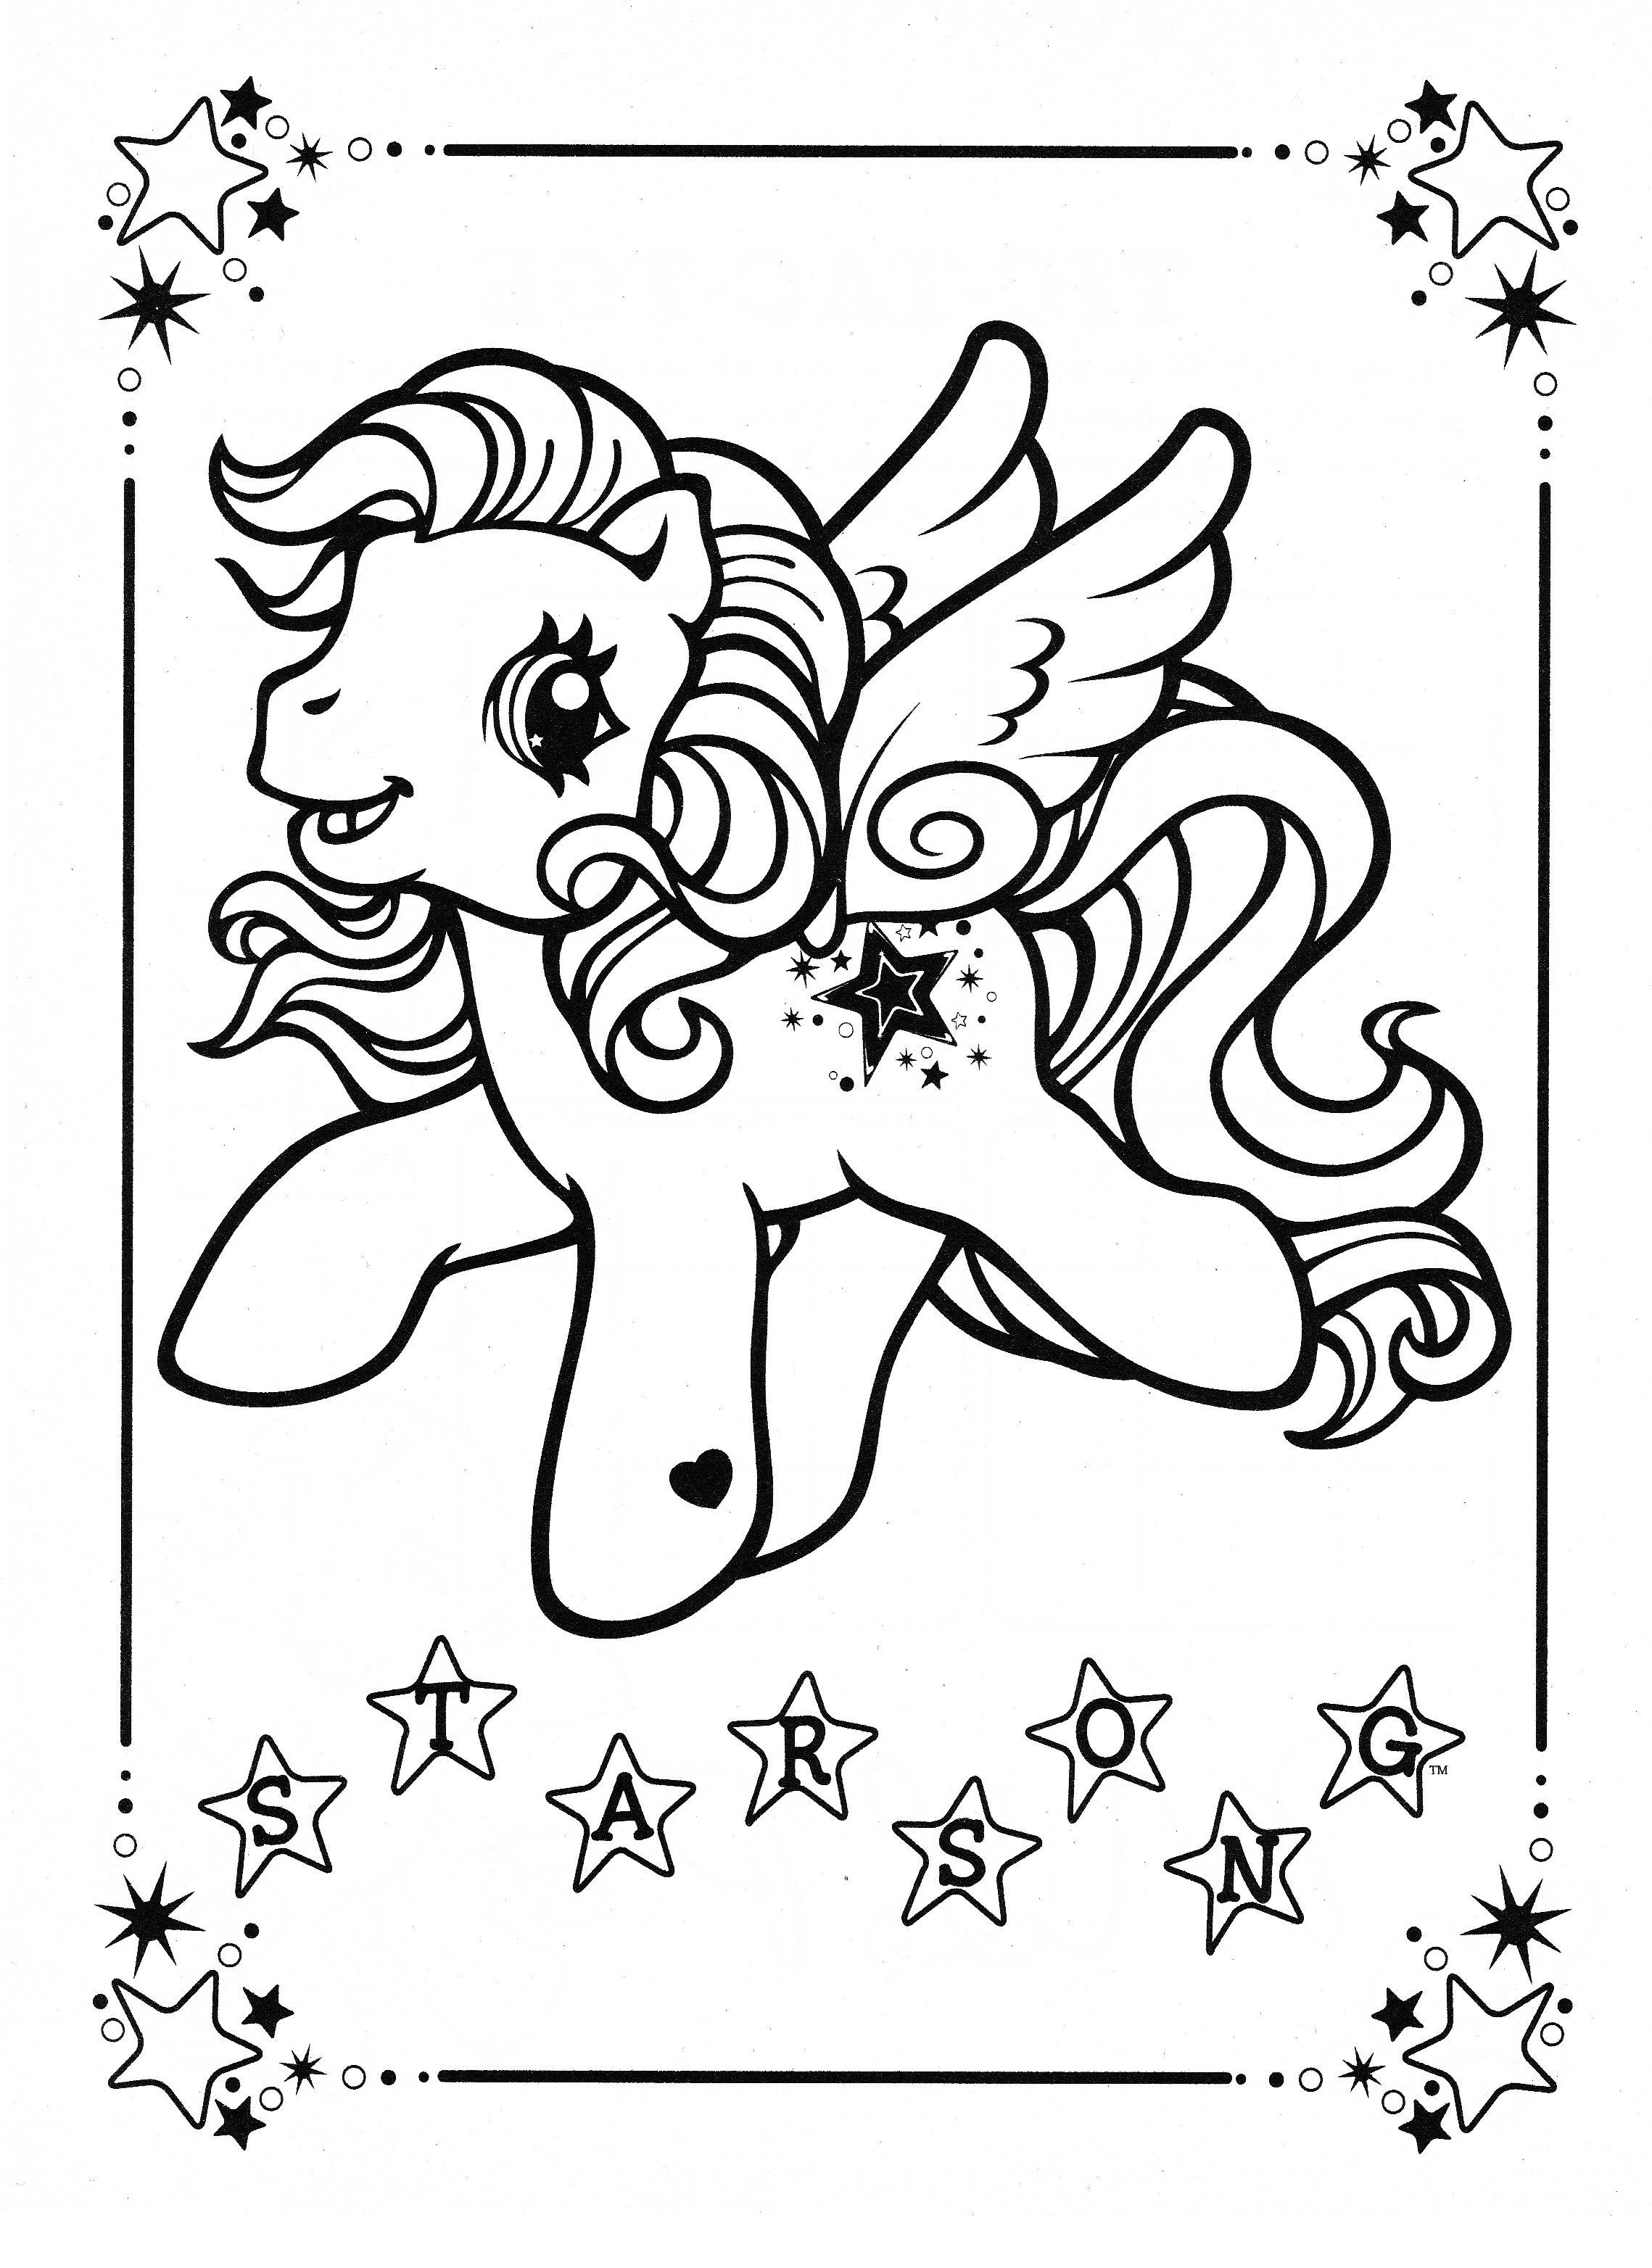 Élégant Dessin à Colorier De My Little Pony